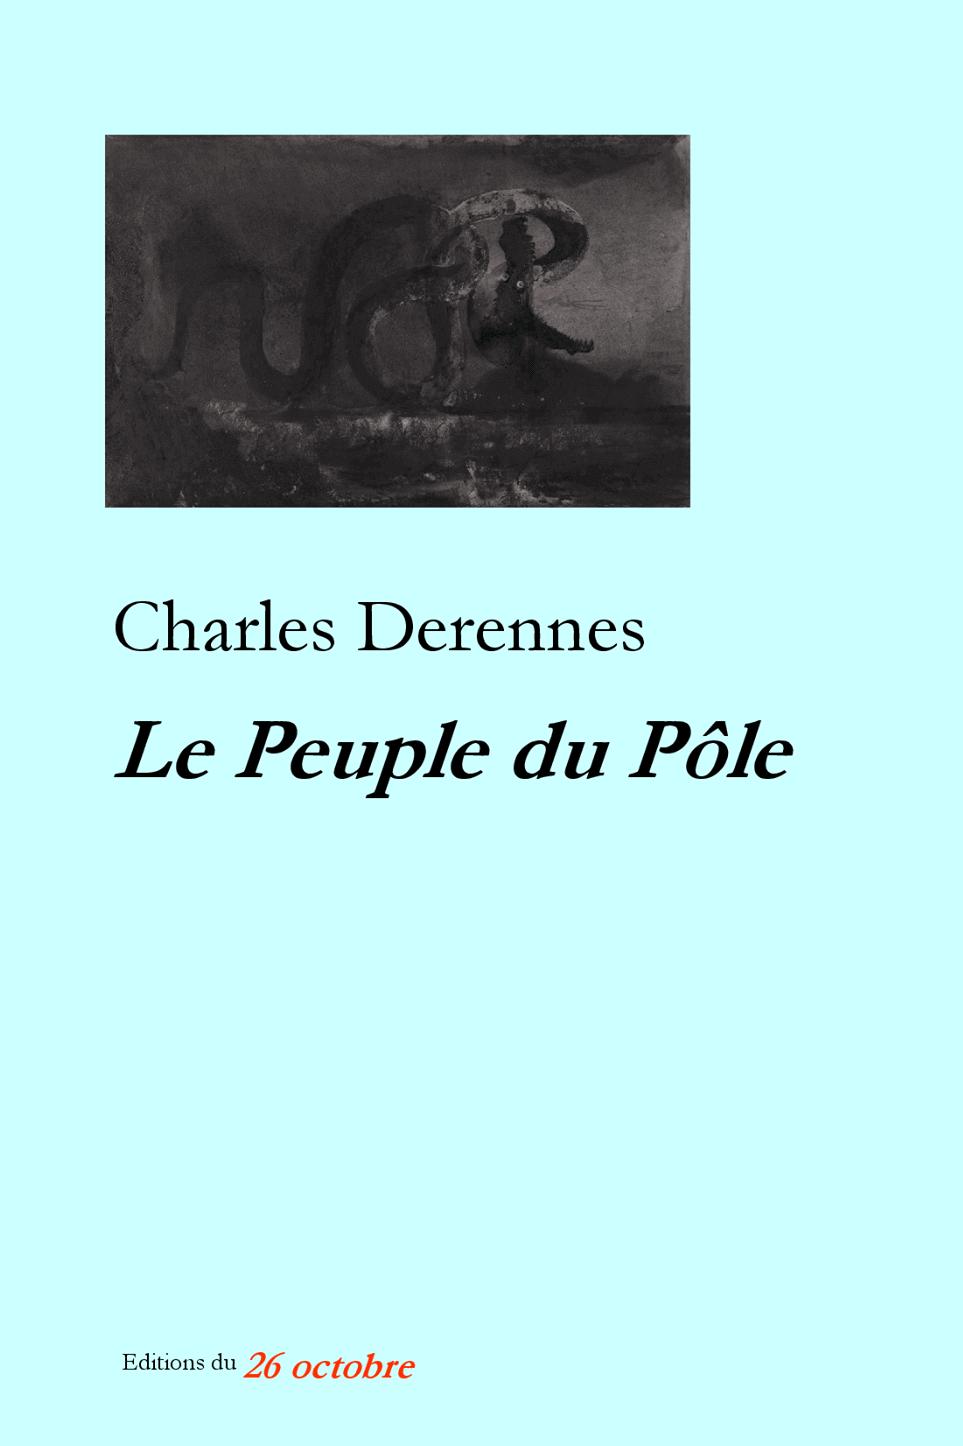 C. Derennes, Le Peuple du Pôle